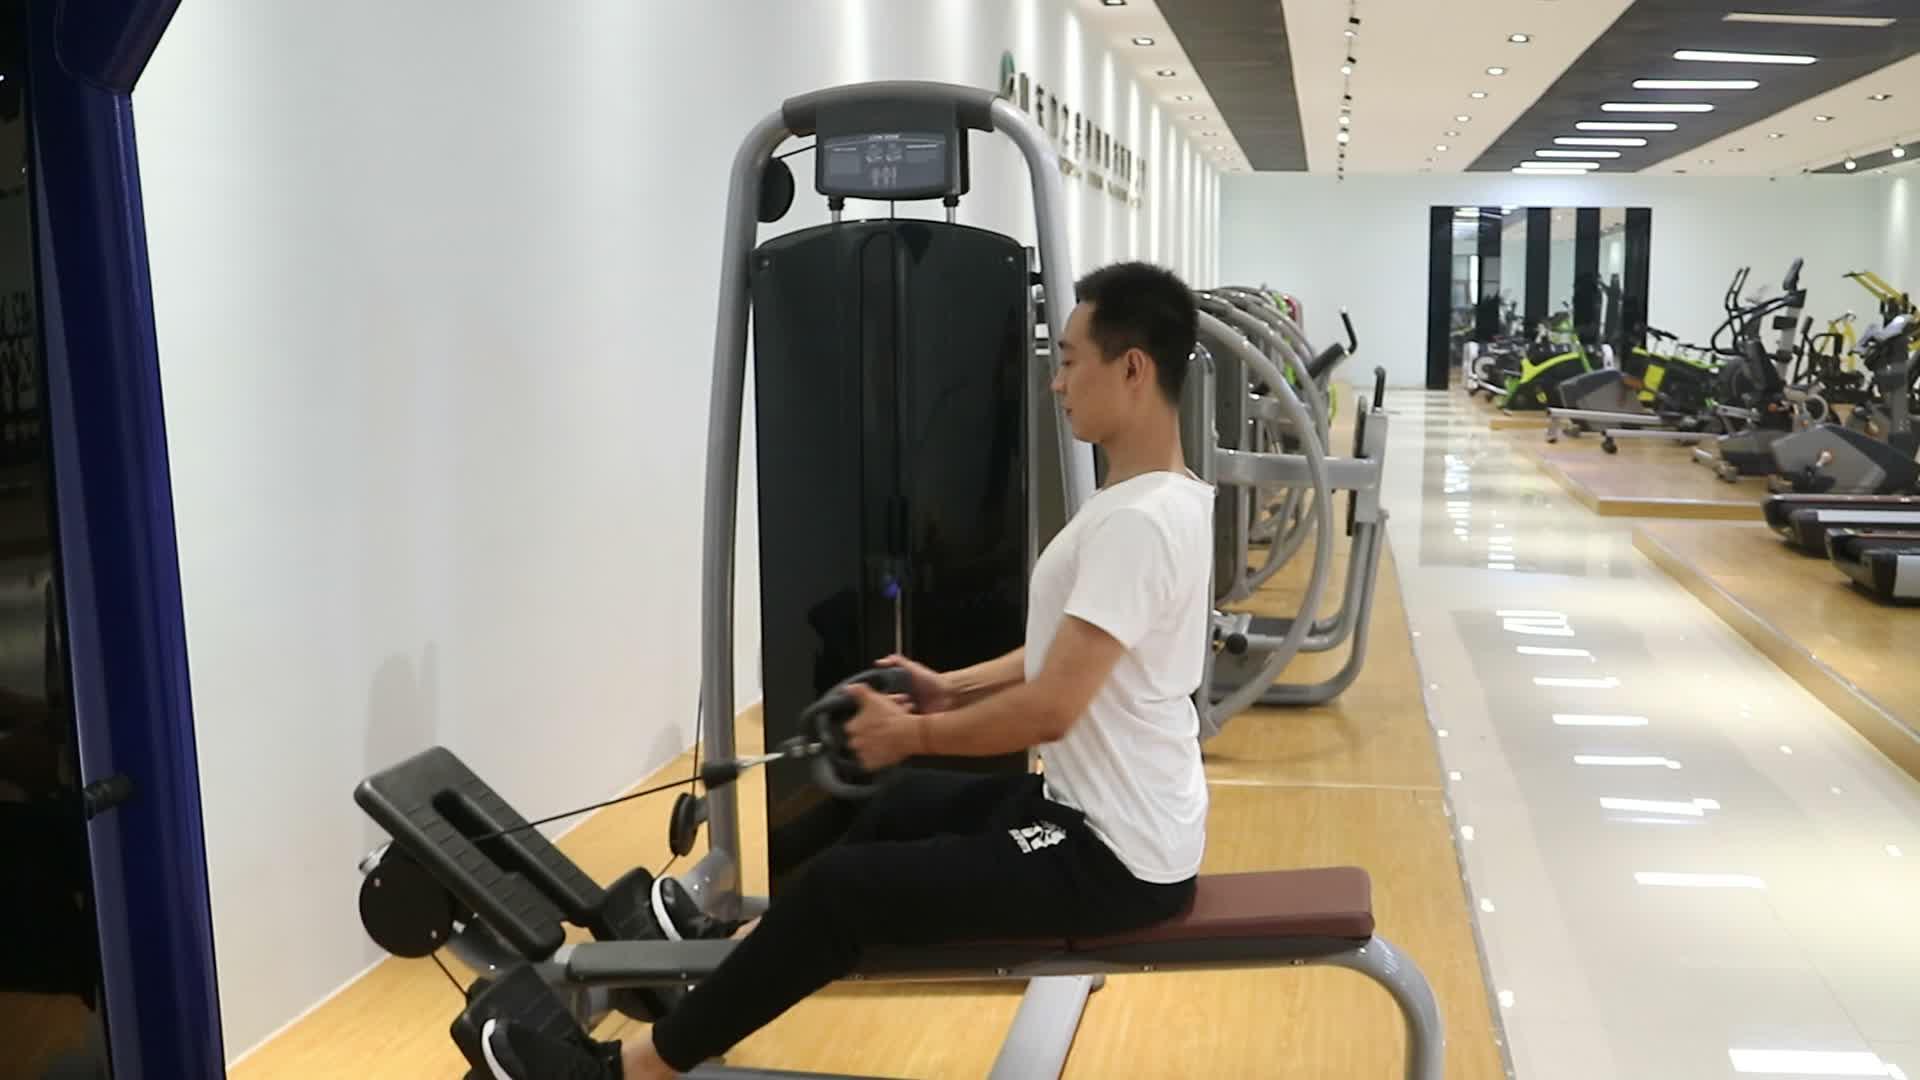 Máquina de extensão traseira de máquina de fitness